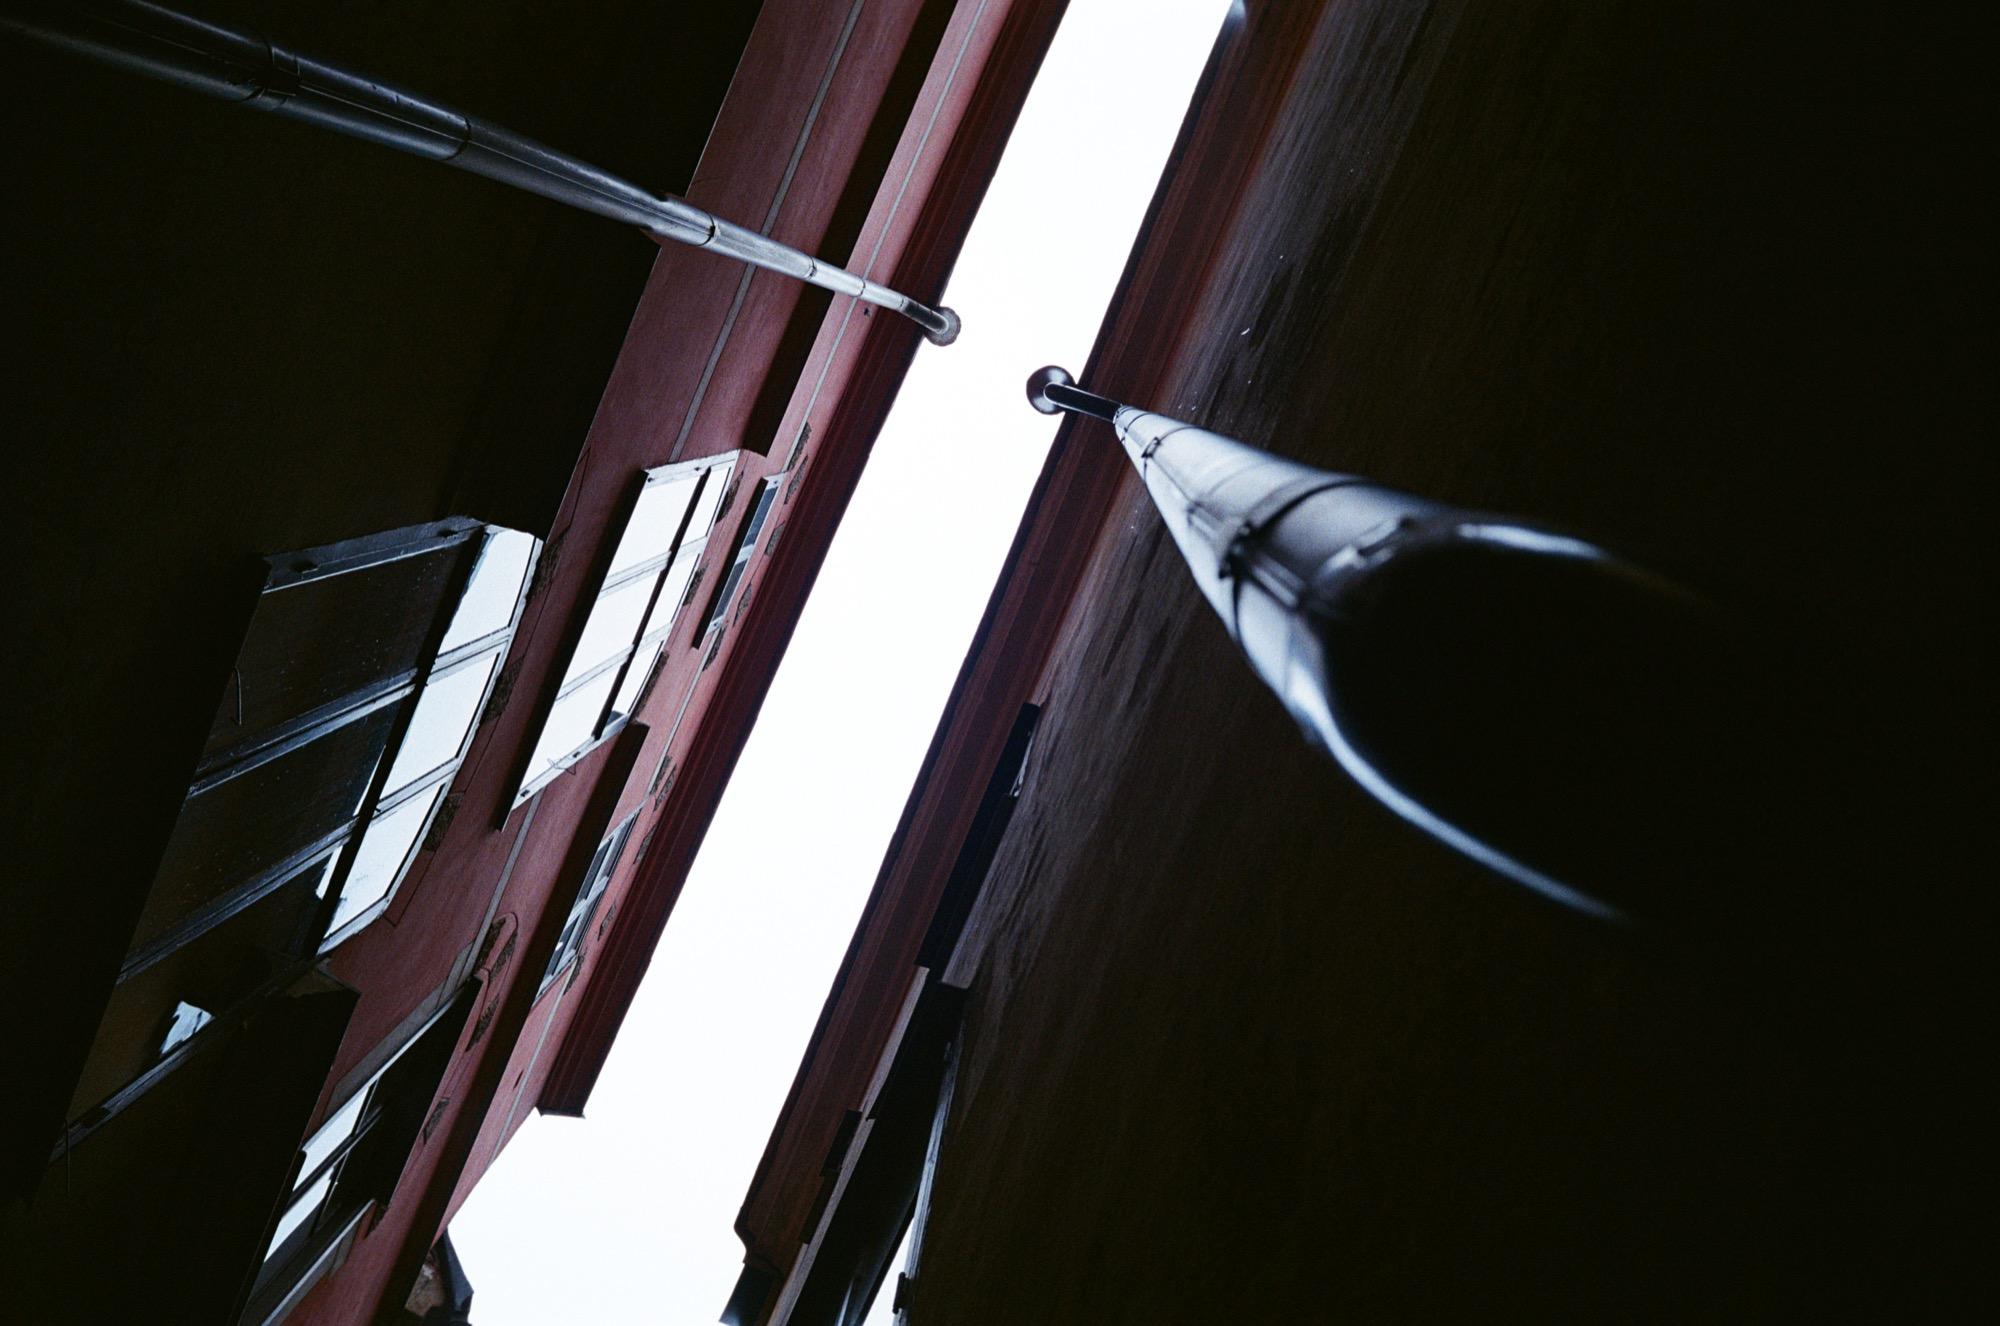 cameraville_leica_mda_stockholm_avenon_28mm_kodak_gold_400_18.jpg